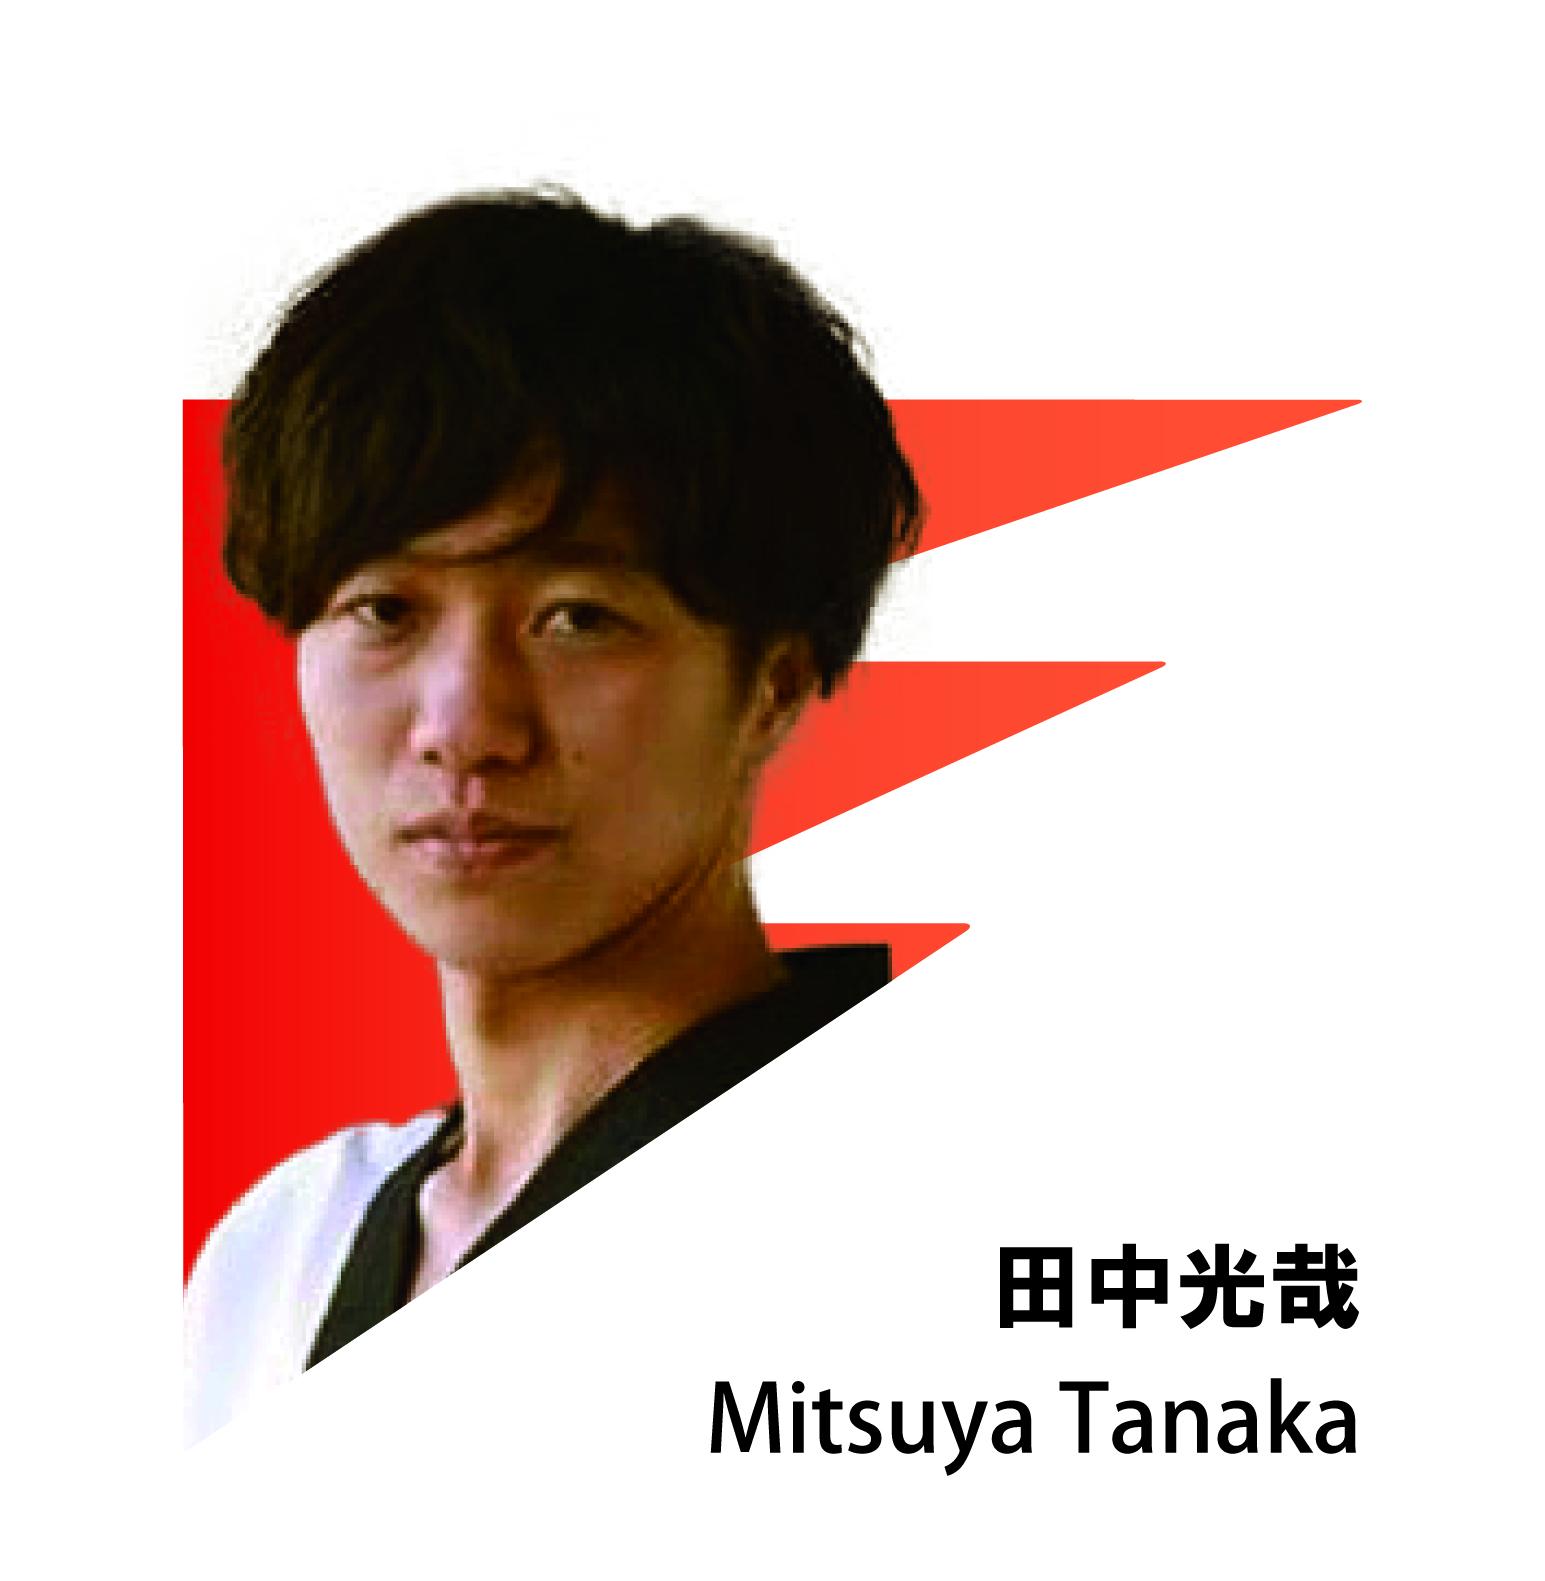 MITSUYA TANAKA